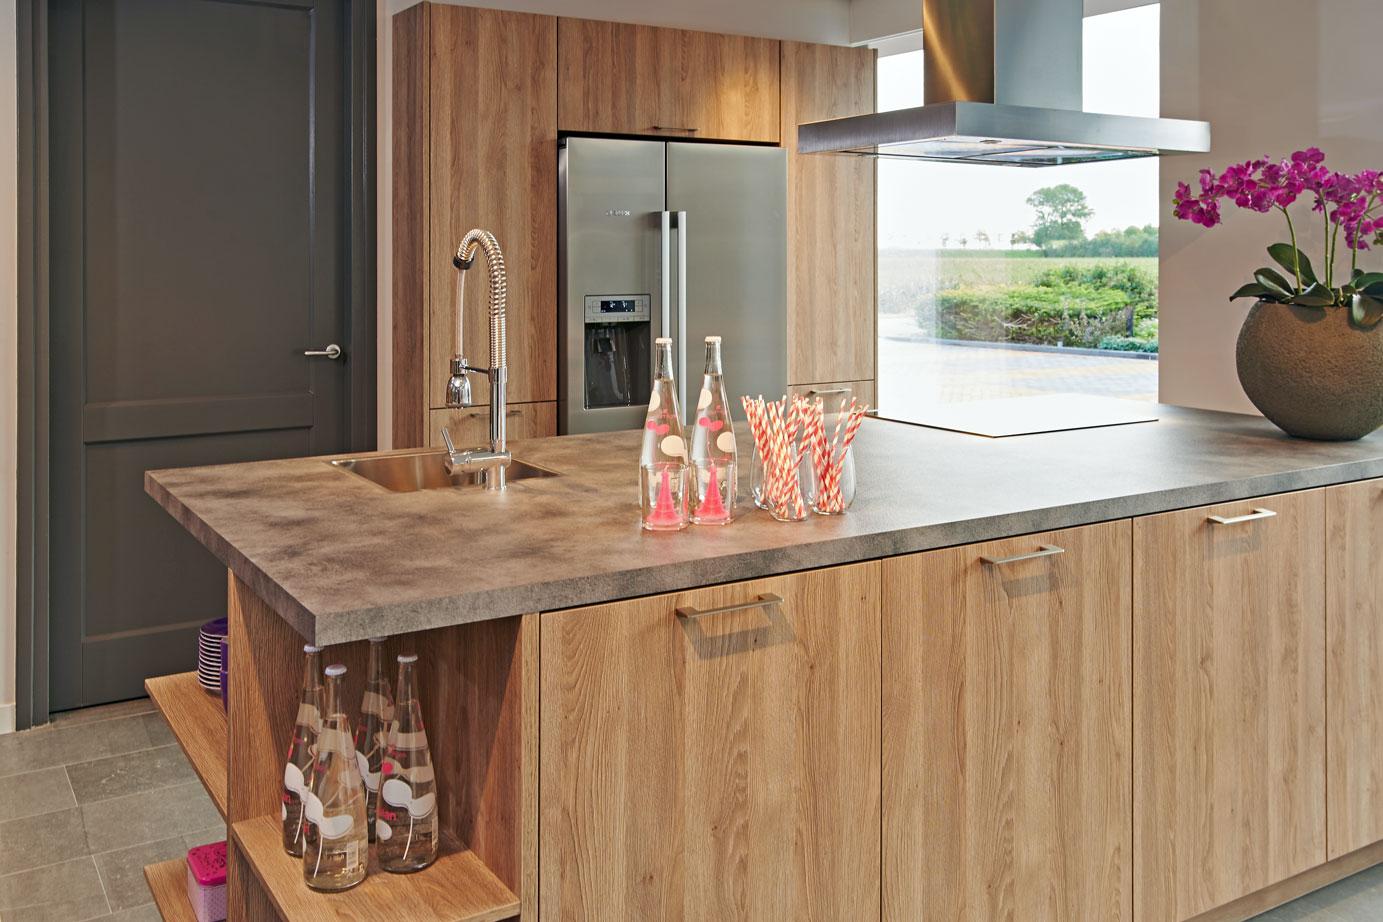 Amerikaanse side by side koelkast kopen lees meer db keukens